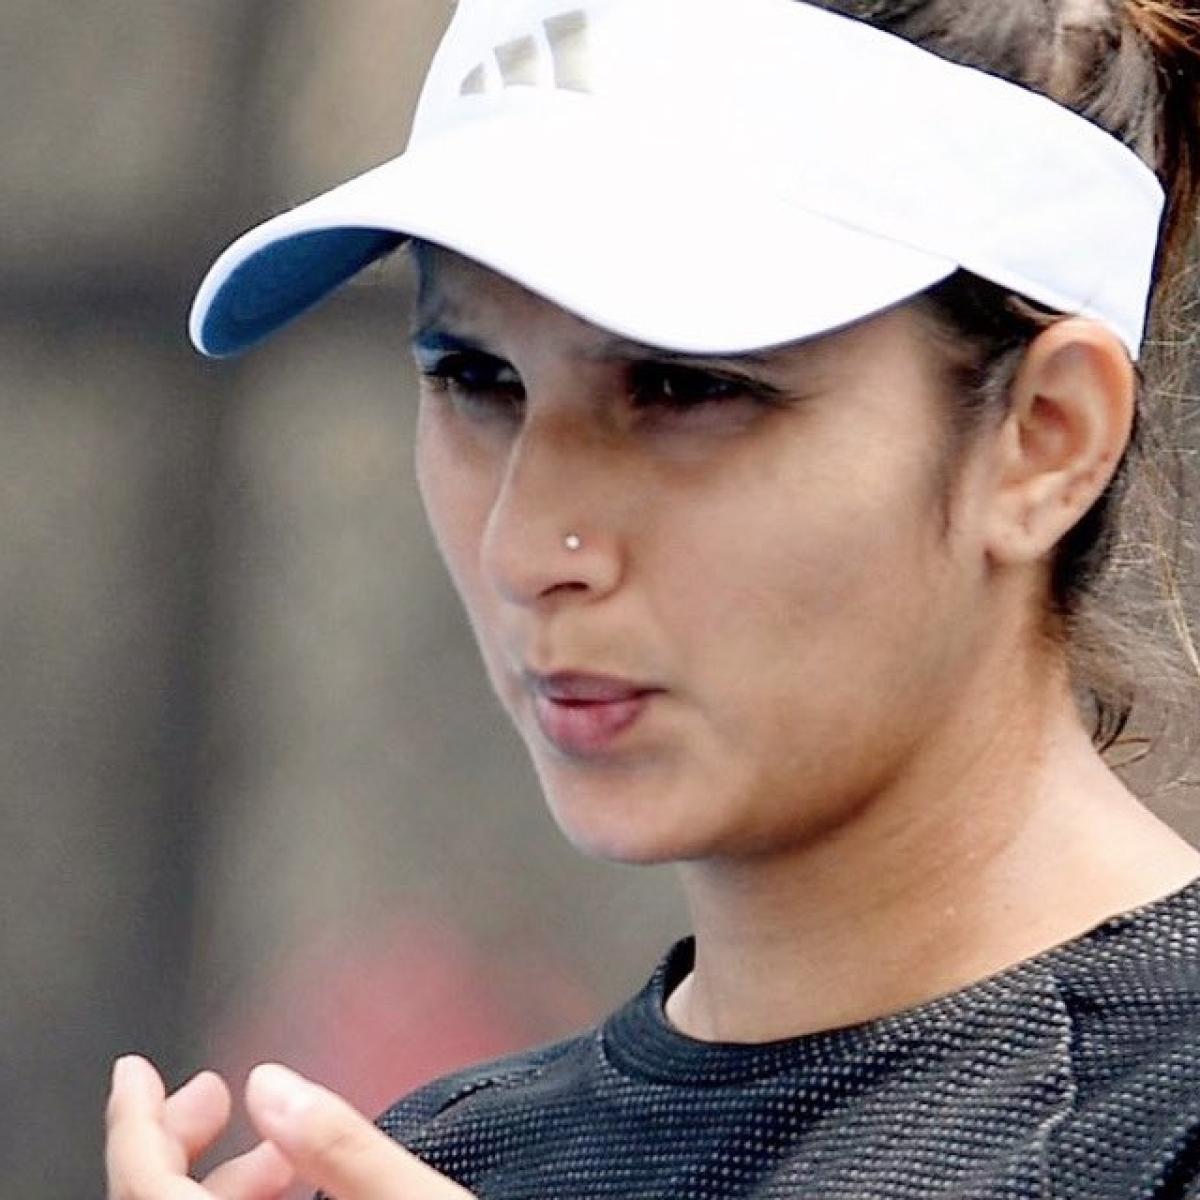 Australia Open: Sania Mirza exits tournament after calf injury